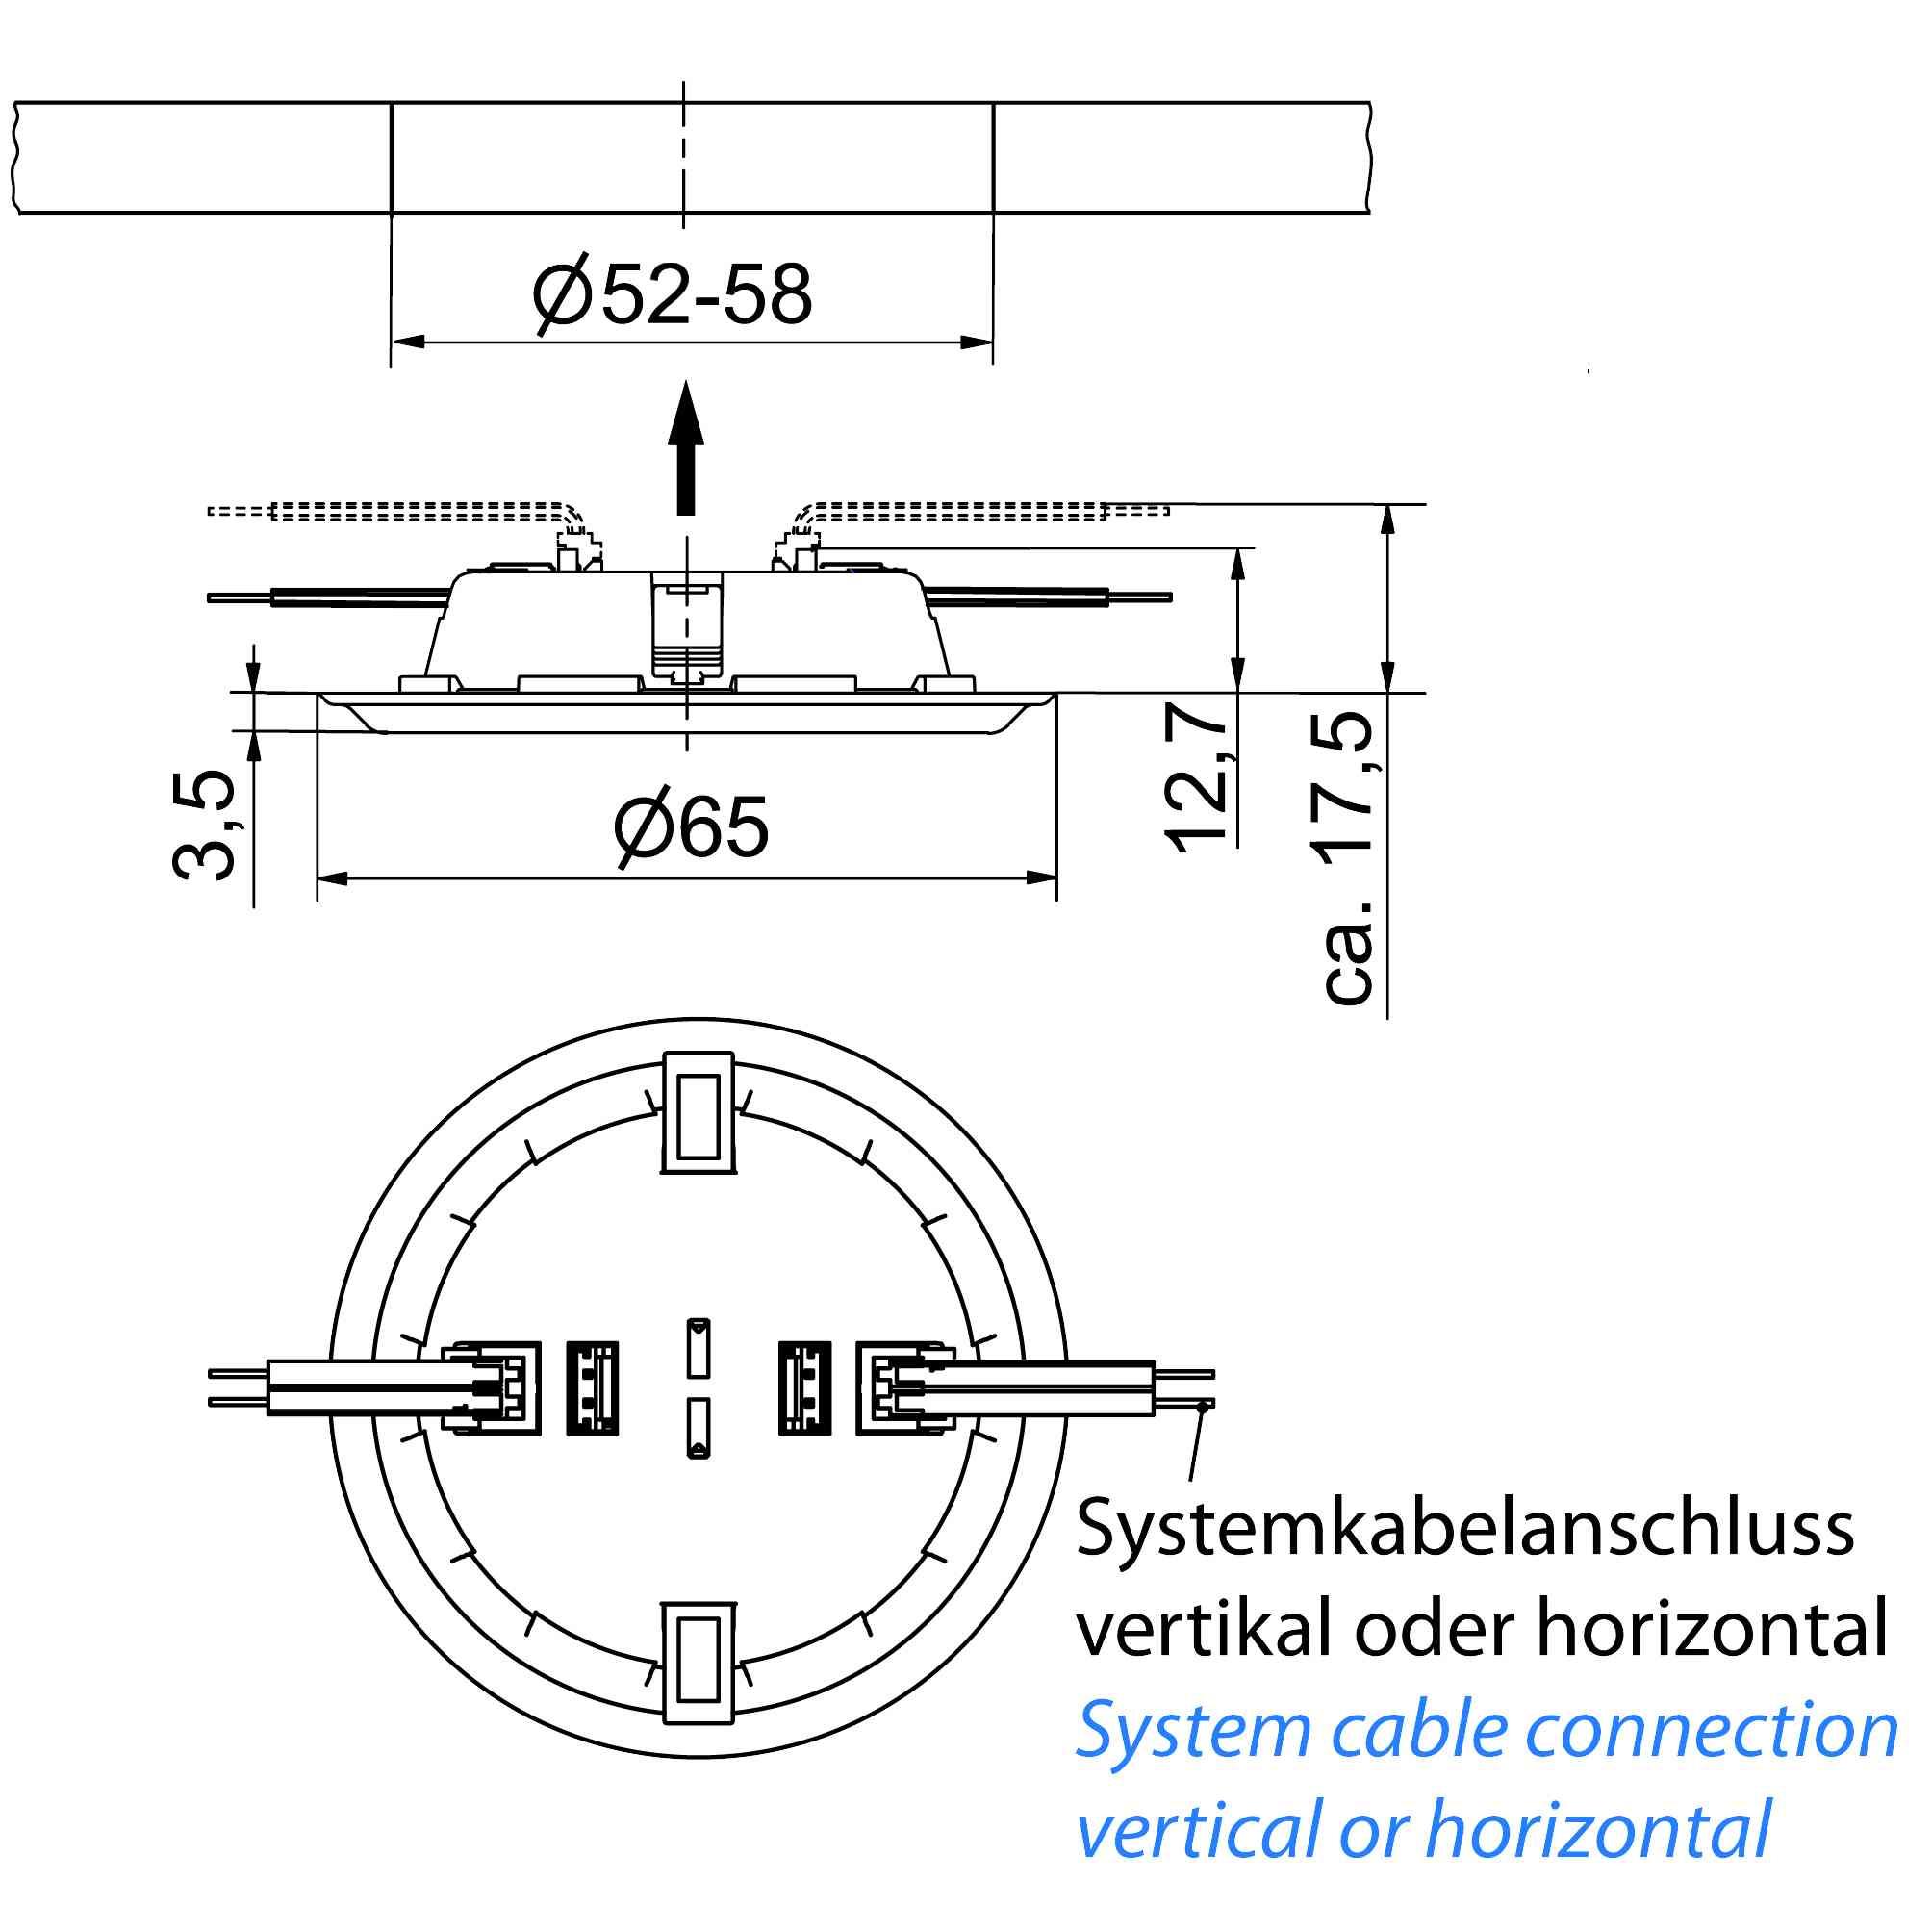 LED-Spot SiLuX® Plus mit farblos mattierter Leuchtfläche Einbau-Ø 52 - 58 mm - plan